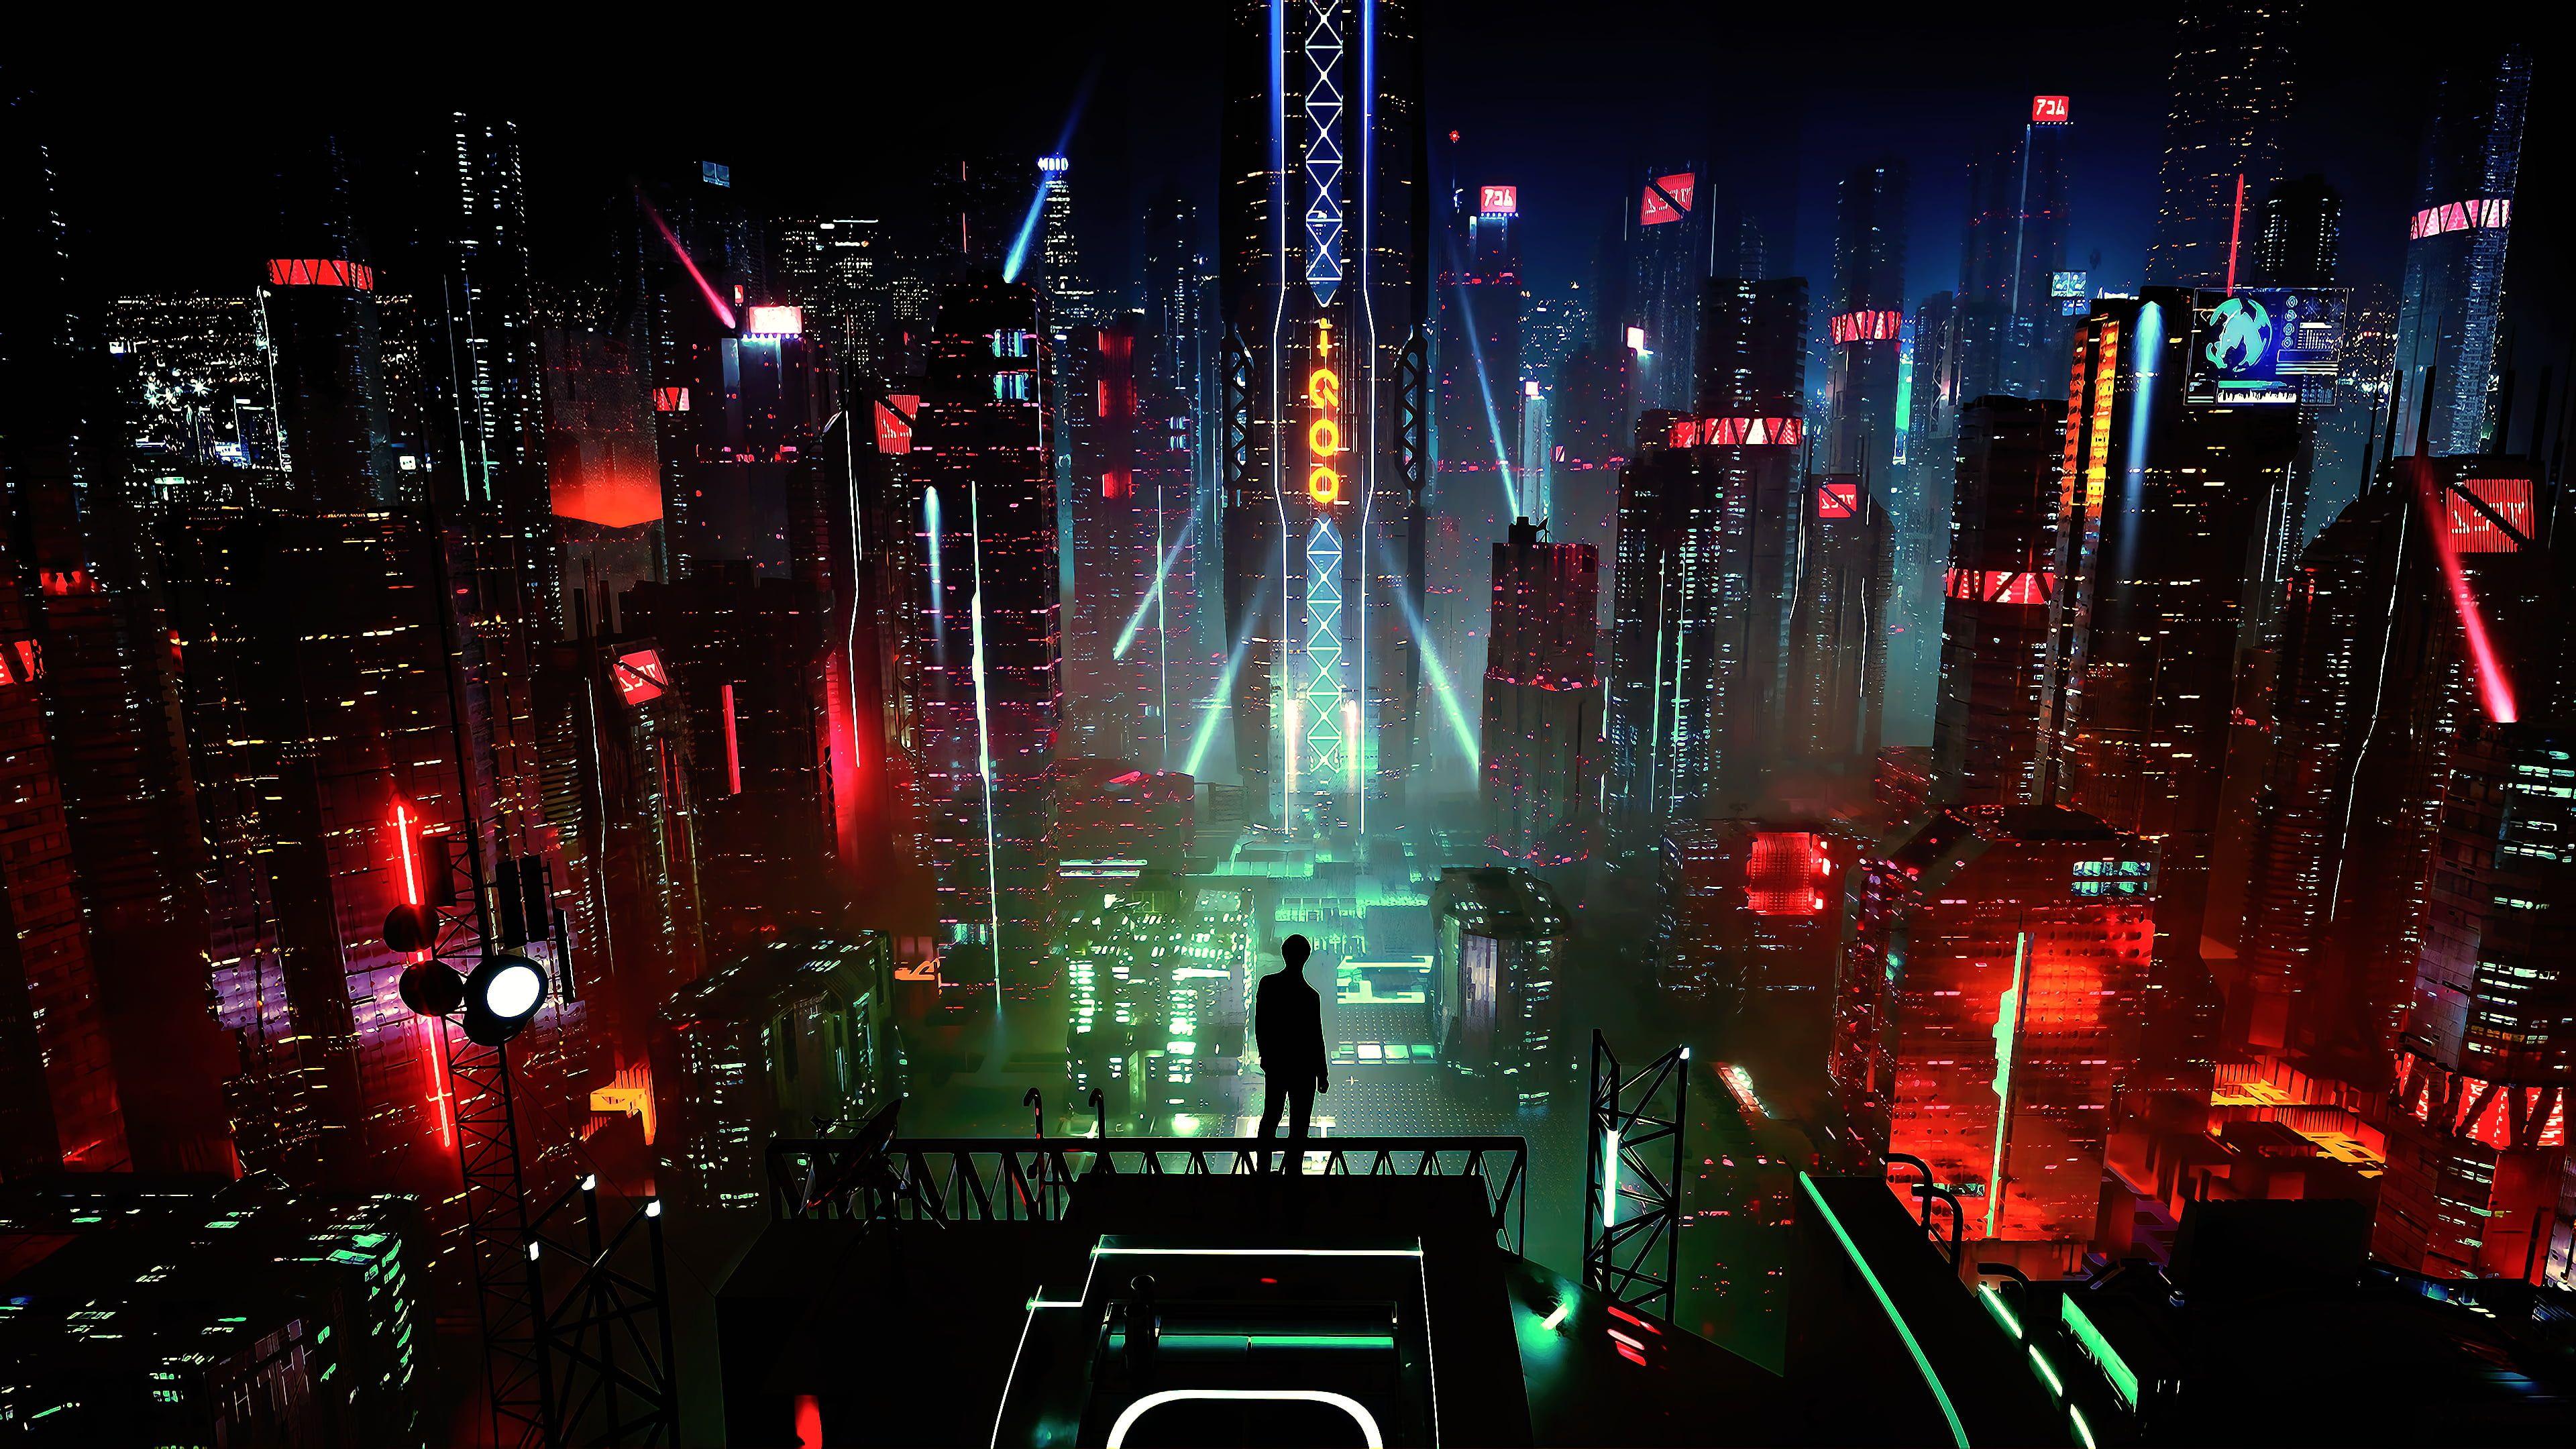 cyber science fiction digital art concept art cyberpunk artwork 3840x2160